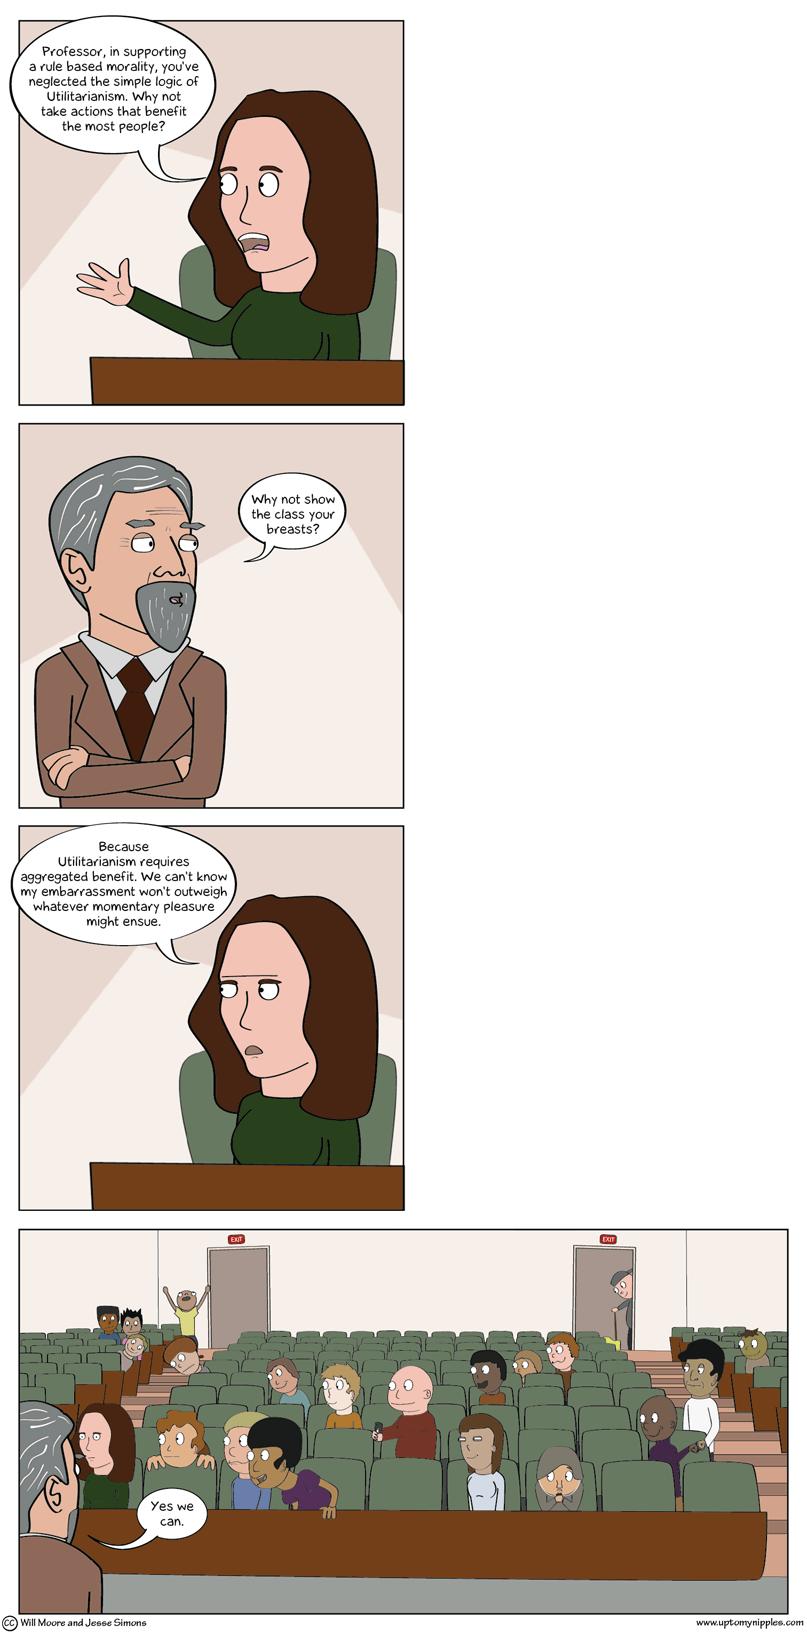 Utittytarianism comic